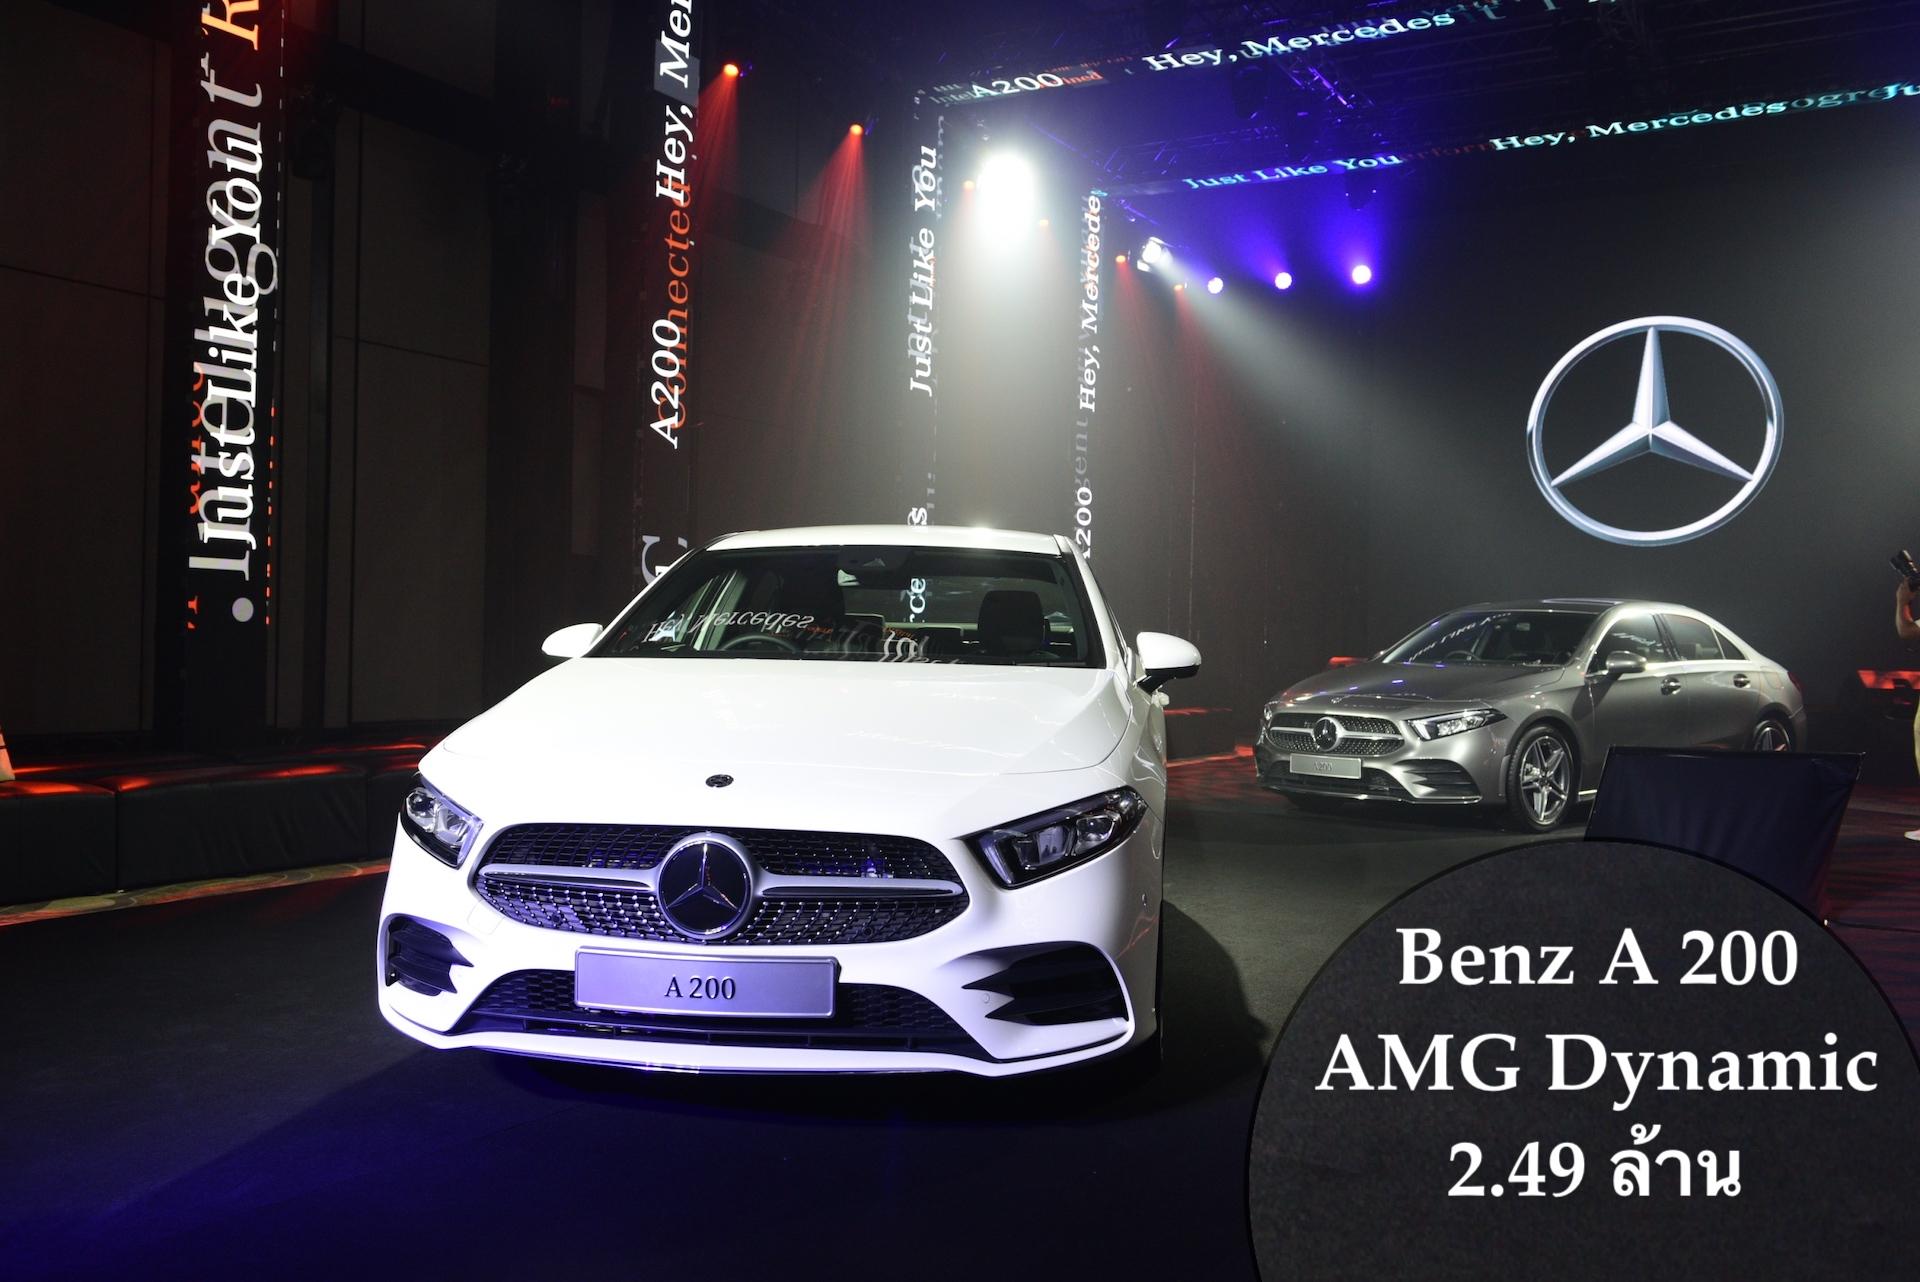 เมอร์เซเดส-เบนซ์ เปิดตัว The new Mercedes-Benz A-Class เจเนอเรชันที่ 4 ก้าวแรกสู่โลกแห่งพรีเมี่ยมคอมแพ็คคาร์